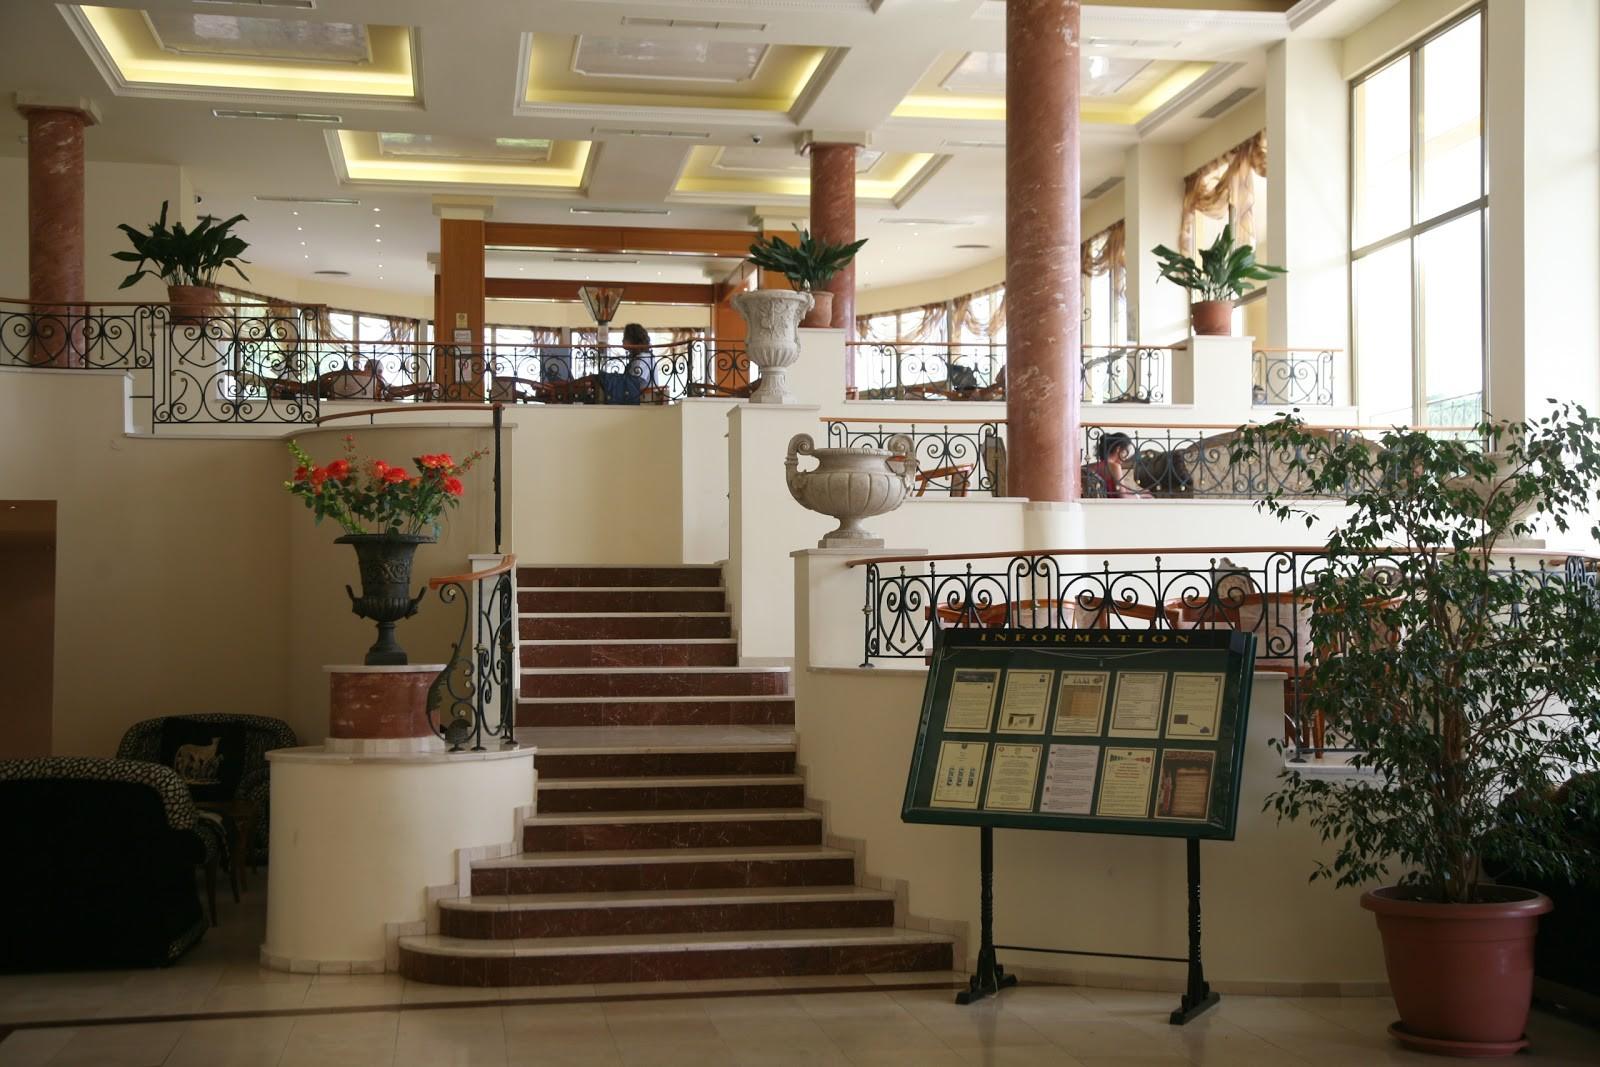 Хотел Белвил - лоби